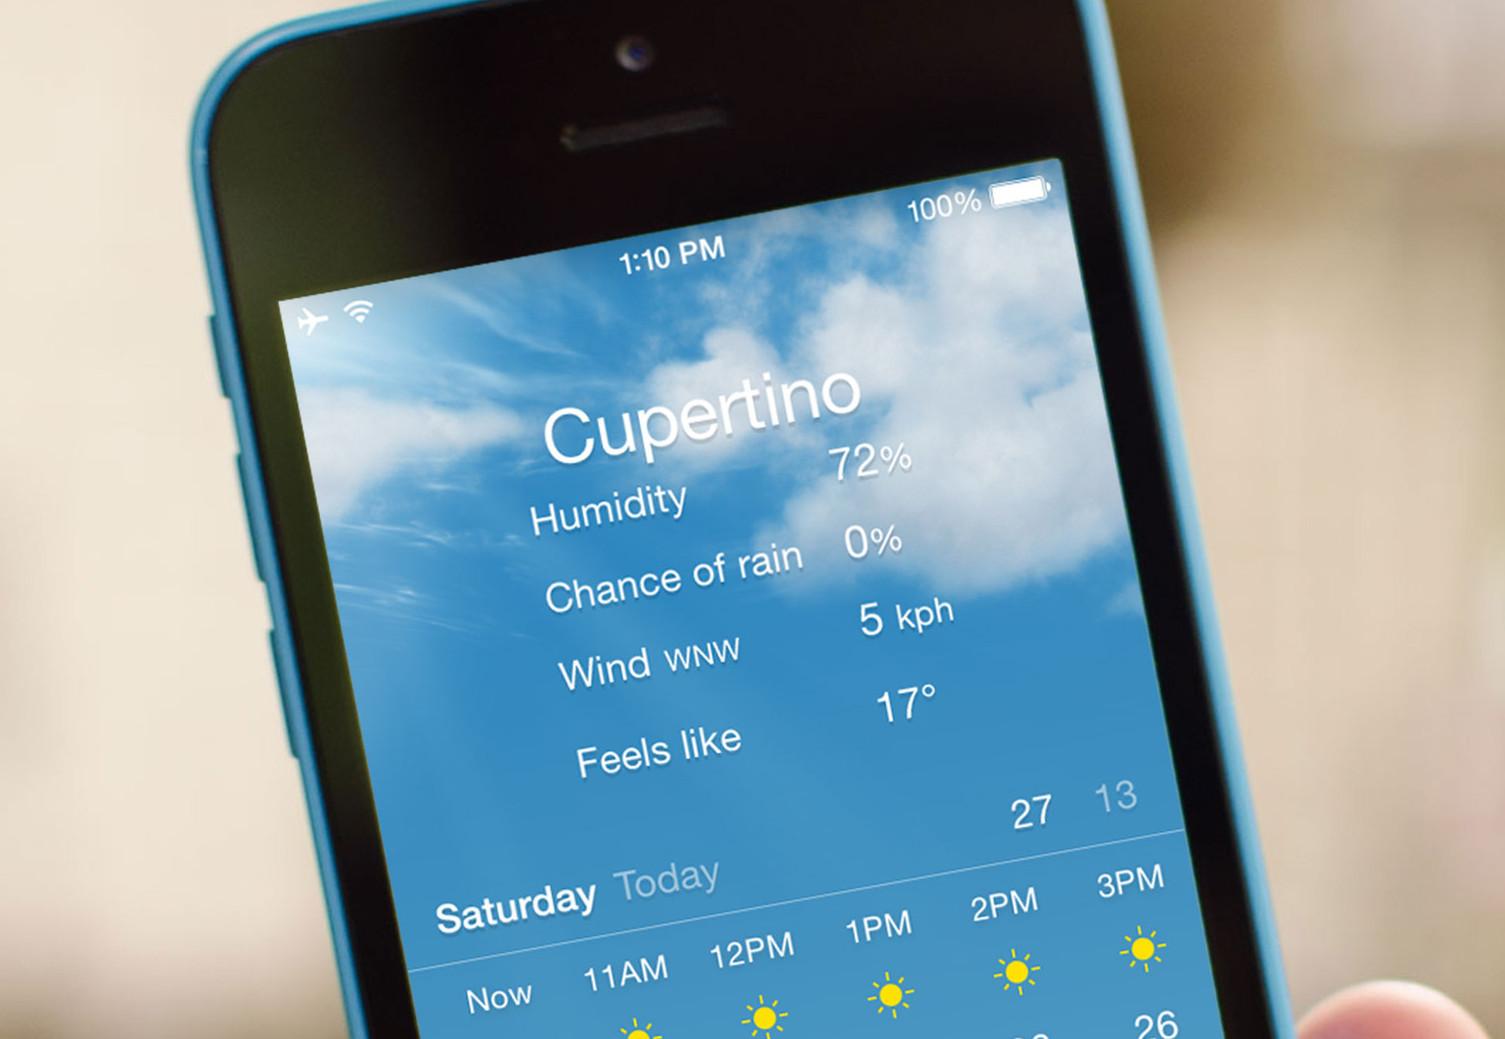 Come avere l'umidità, possibilità di pioggia, vento, e più informazioni dal Meteo per iPhone